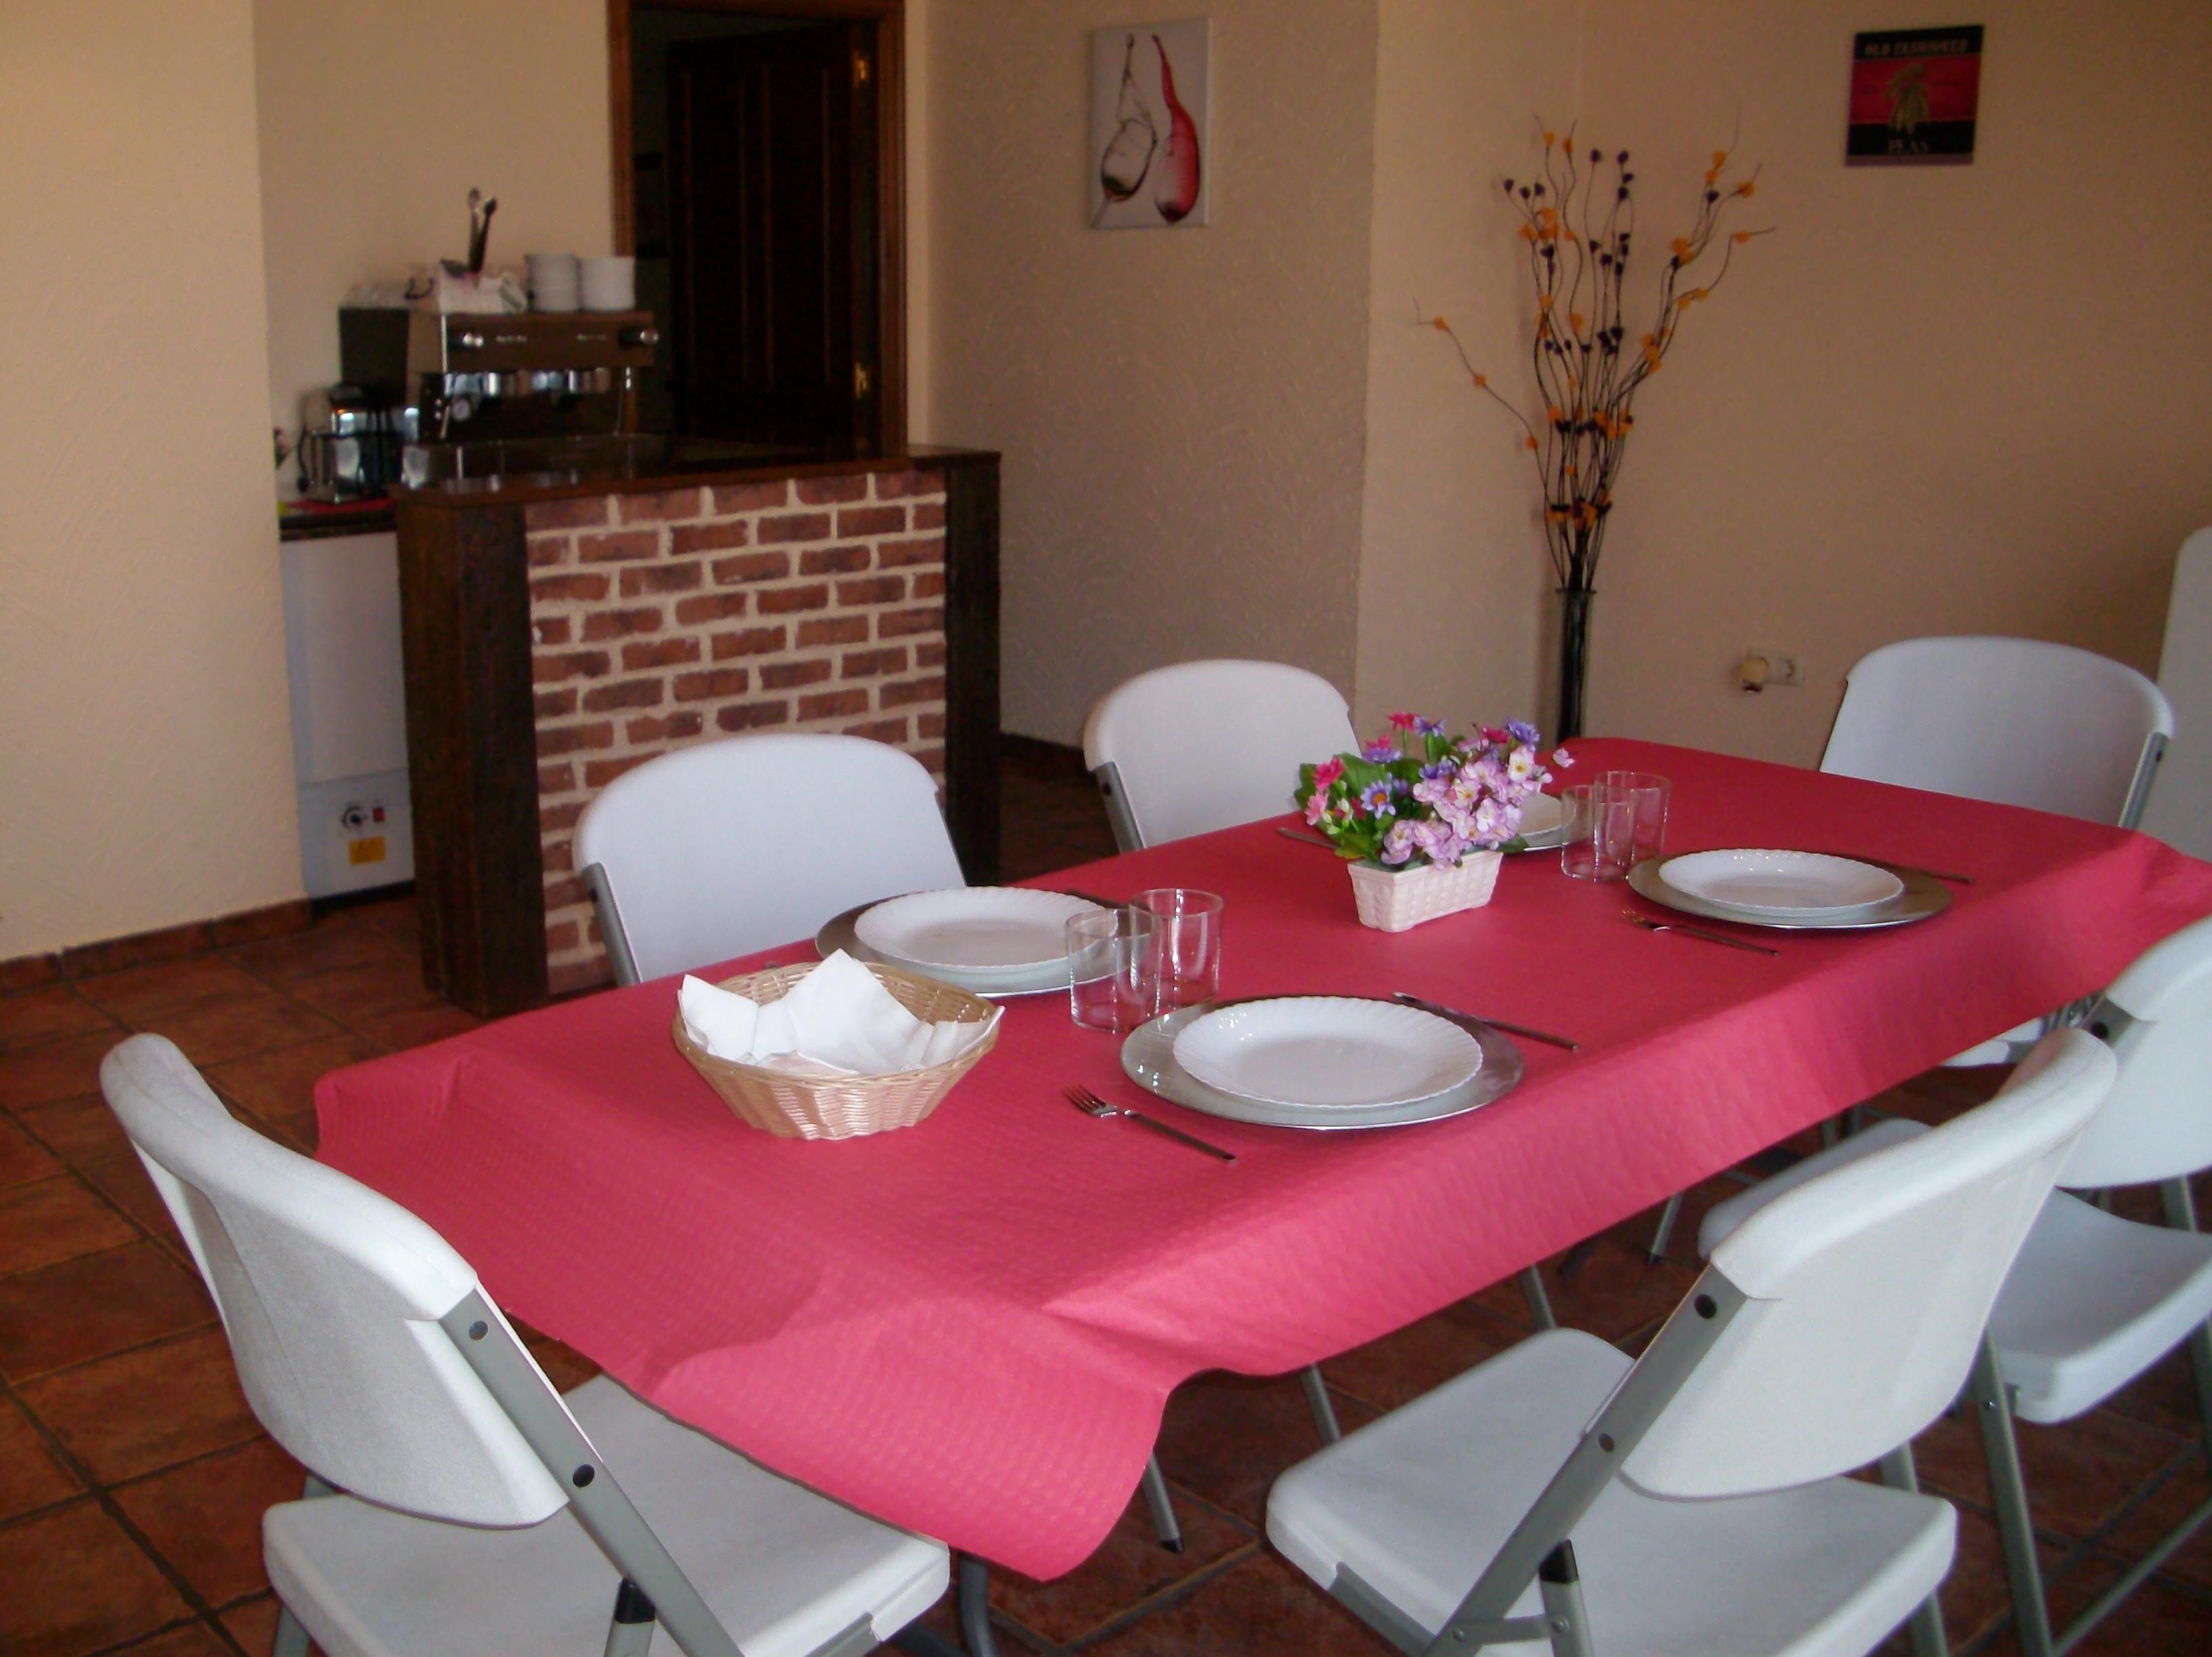 Foto 4 de Catering en Ávila   Los Fogones de Raúl